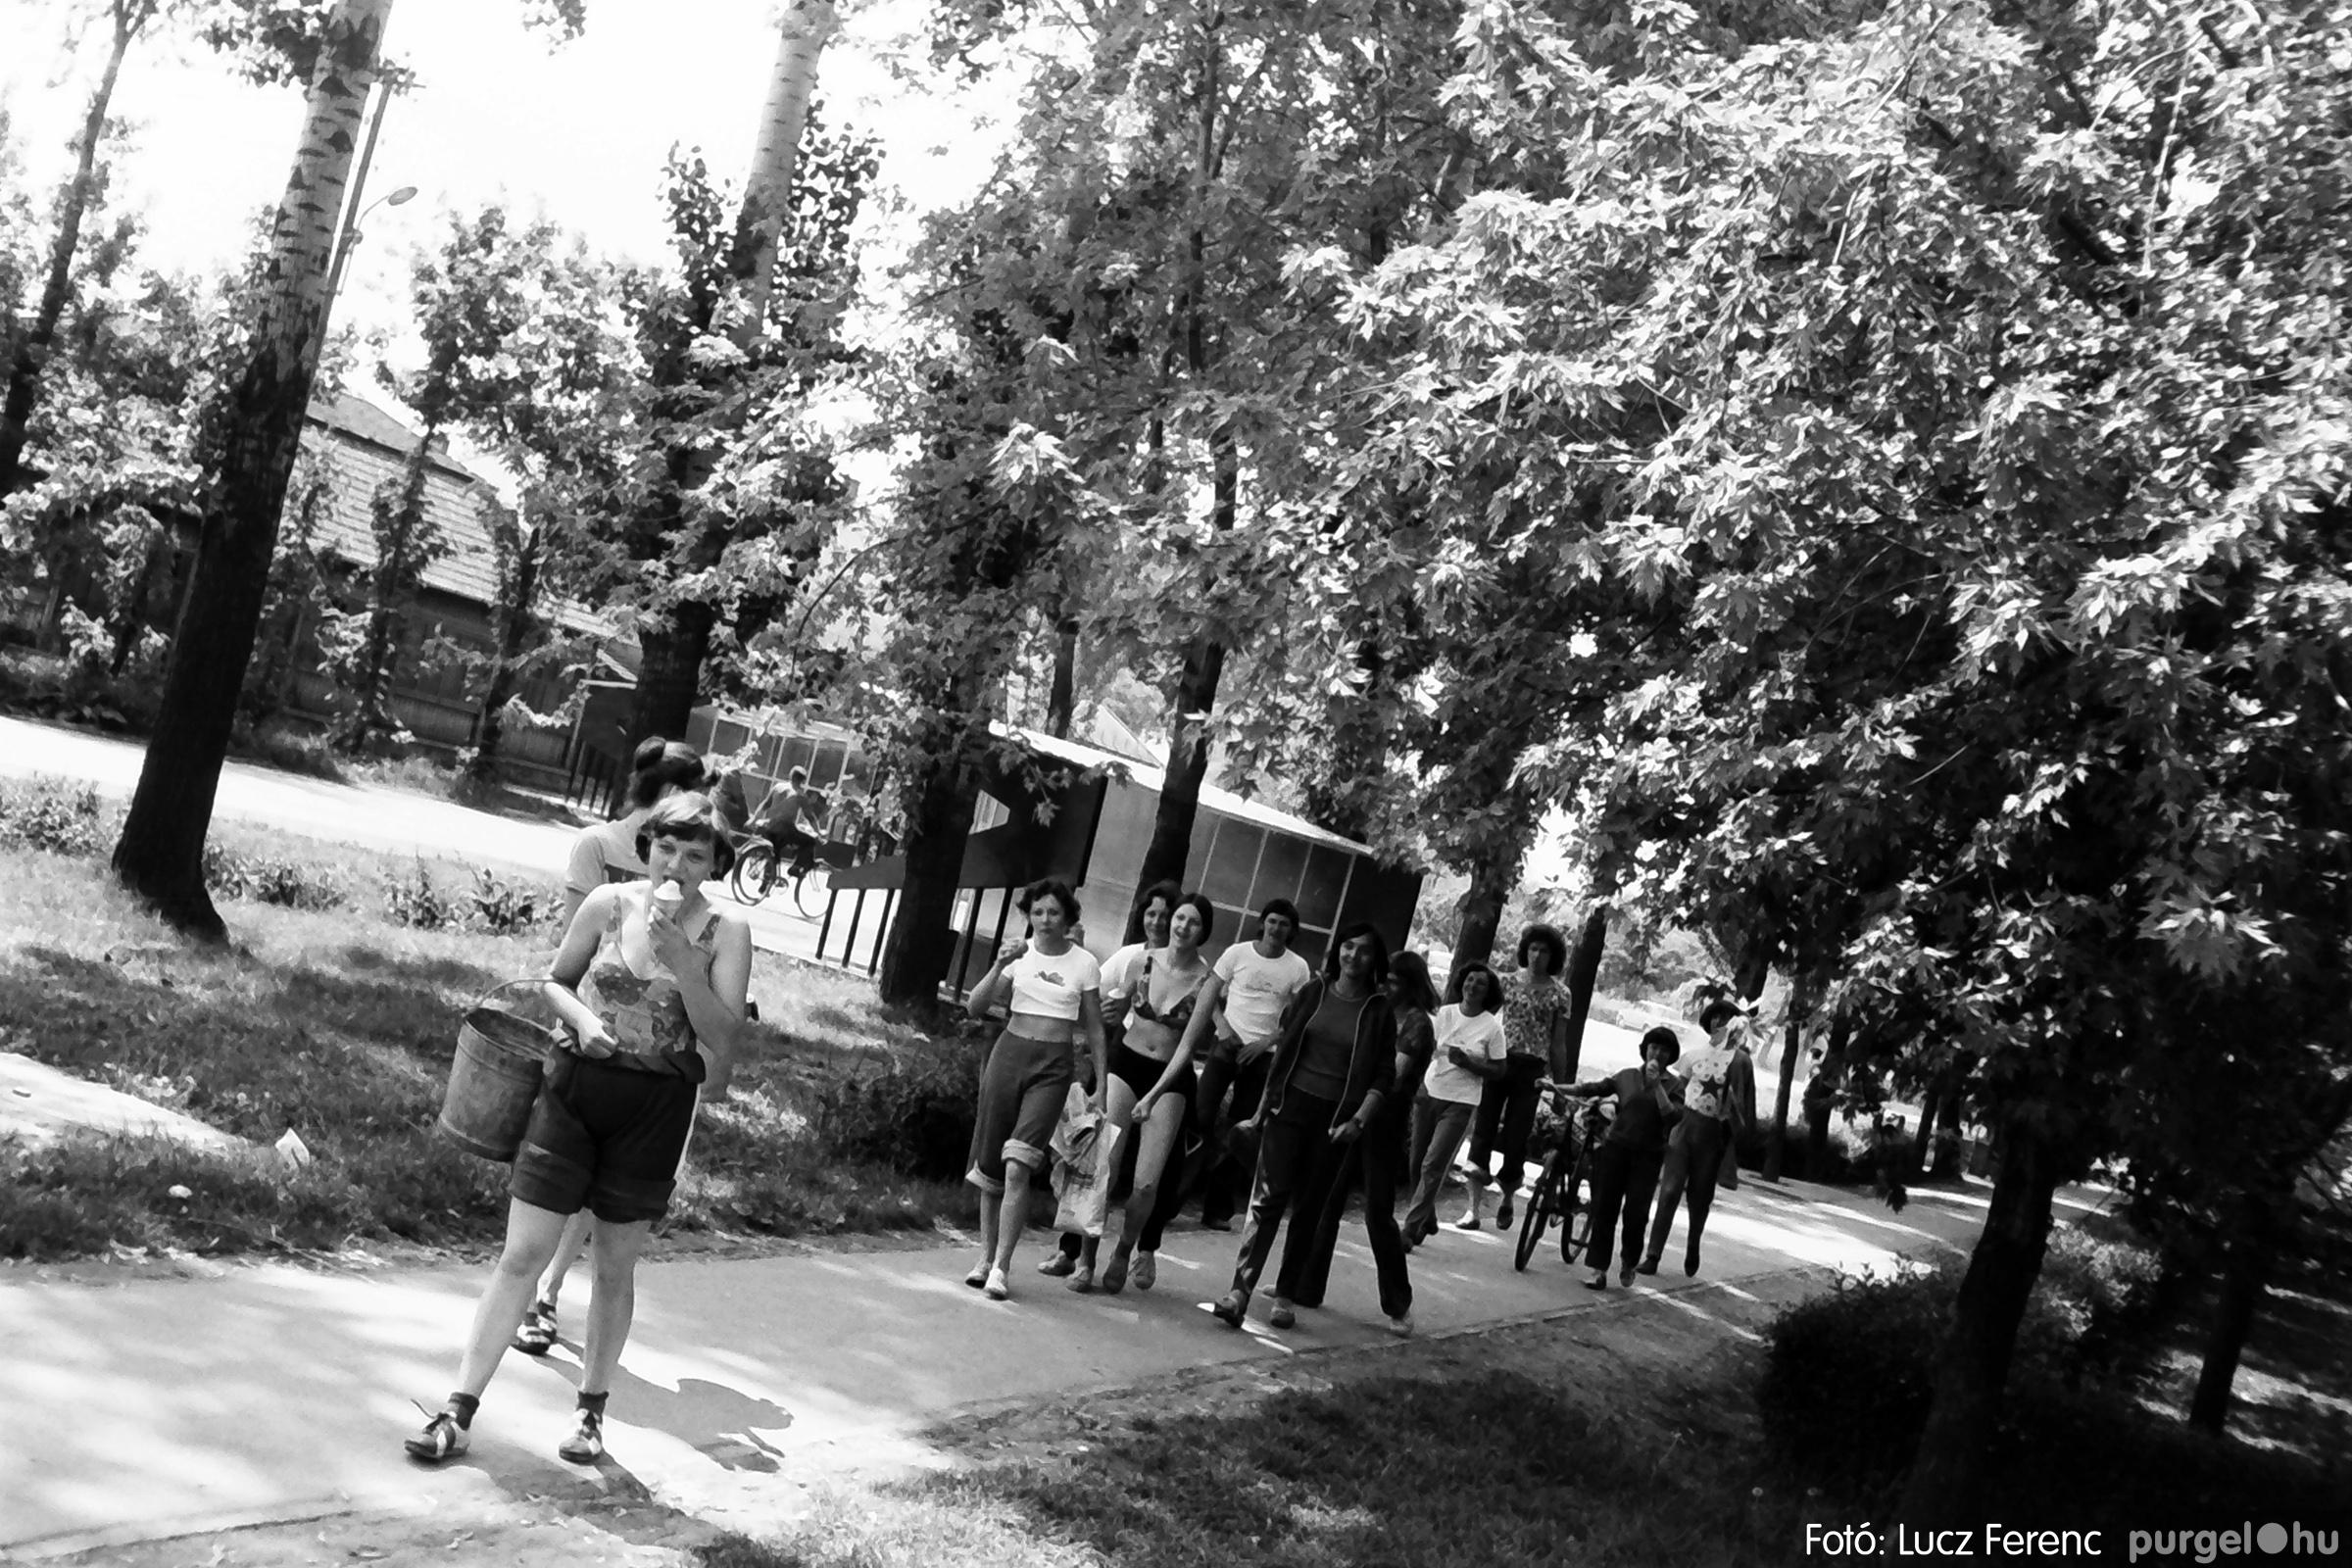 048, 051. 1976. Társadalmi munka 021. - Fotó: Lucz Ferenc.jpg